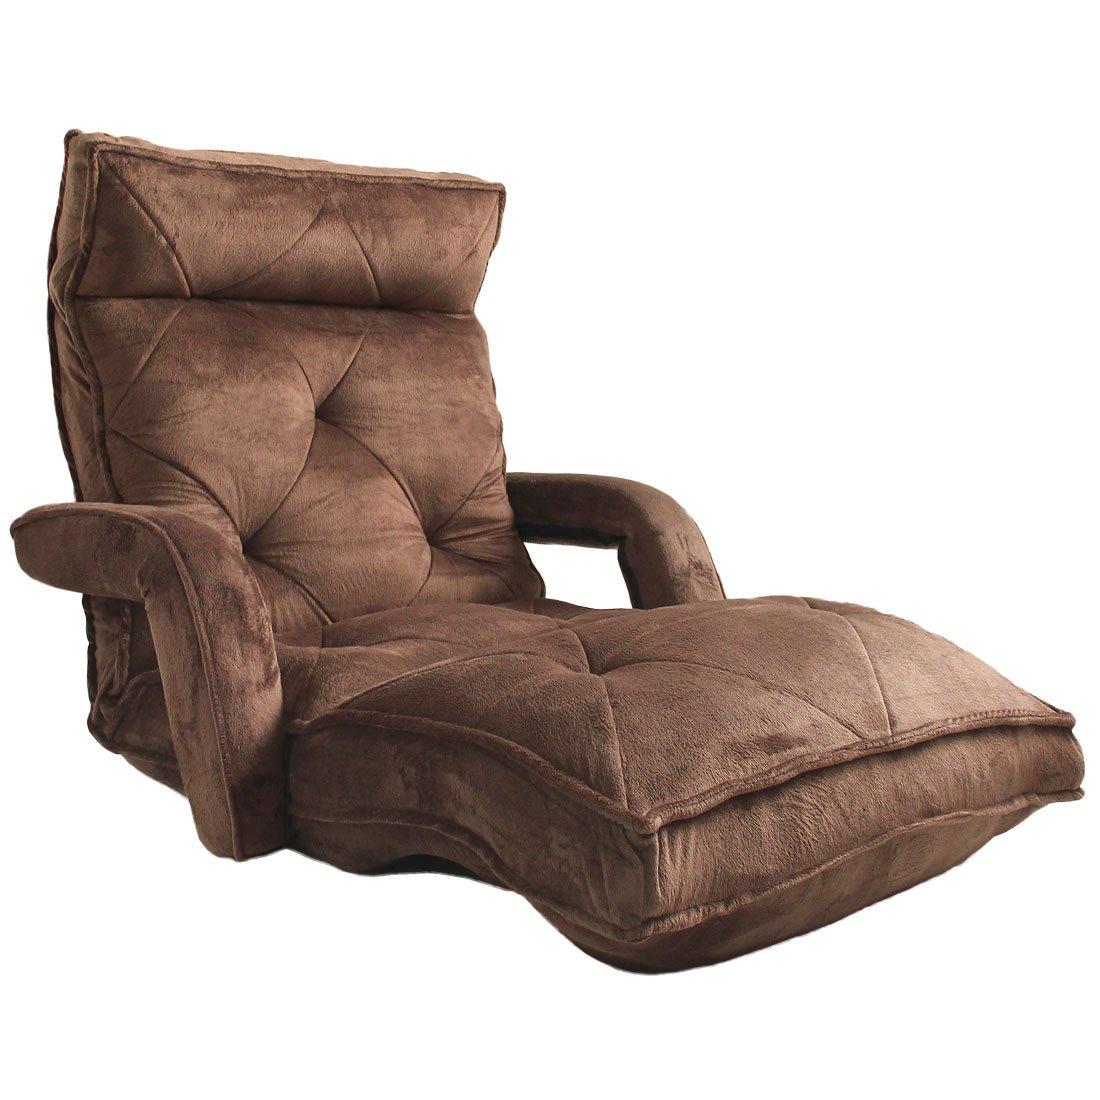 ☆12時~12H全品クーポンで5%OFF☆ 肘掛け ロング 座椅子 42段階 リクライニング リクライニングチェア 低反発 肘掛 肘付き ビックサイズ 座いす ハイバック フロアチェア 座イス 1人掛け ソファ ソファー